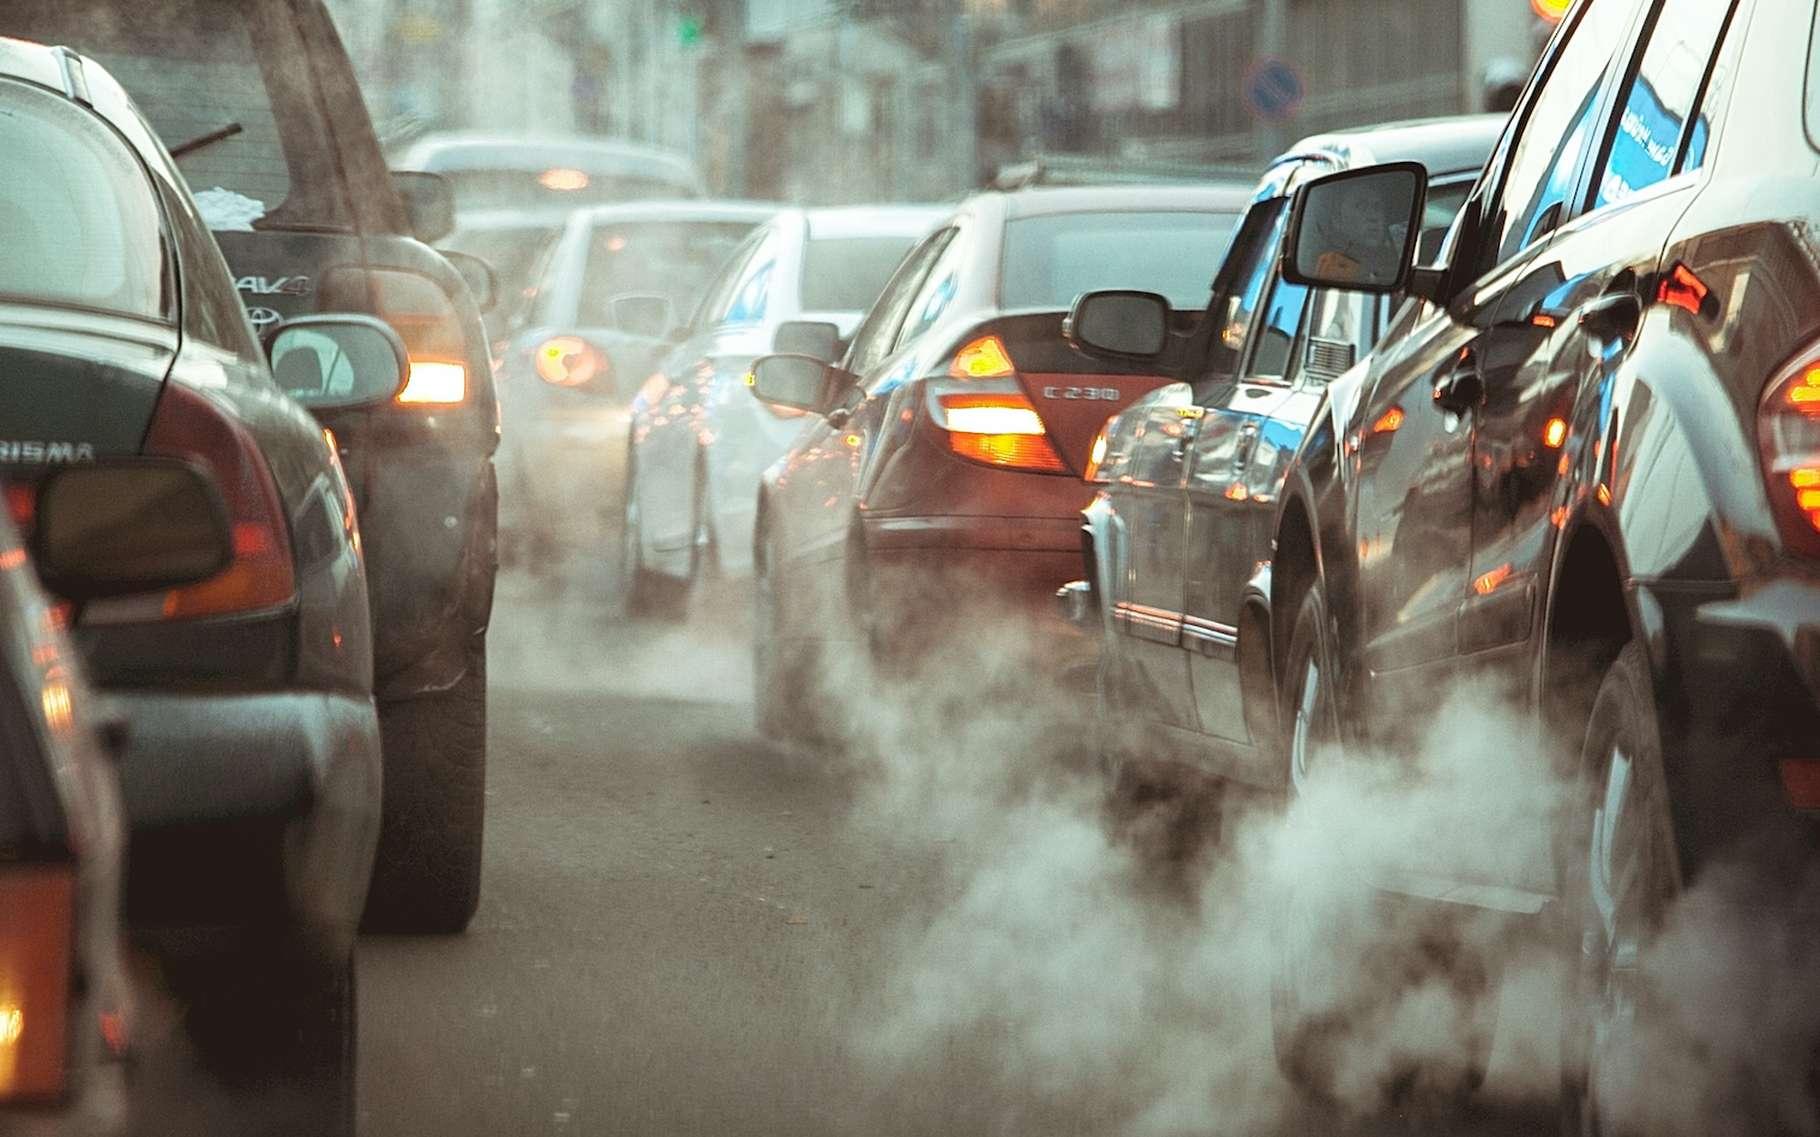 Des chercheurs de l'université du Texas montrent le rôle des émissions des voitures dans la nucléation et le développement des particules ultrafines. © Семен Саливанчук, Adobe Stock